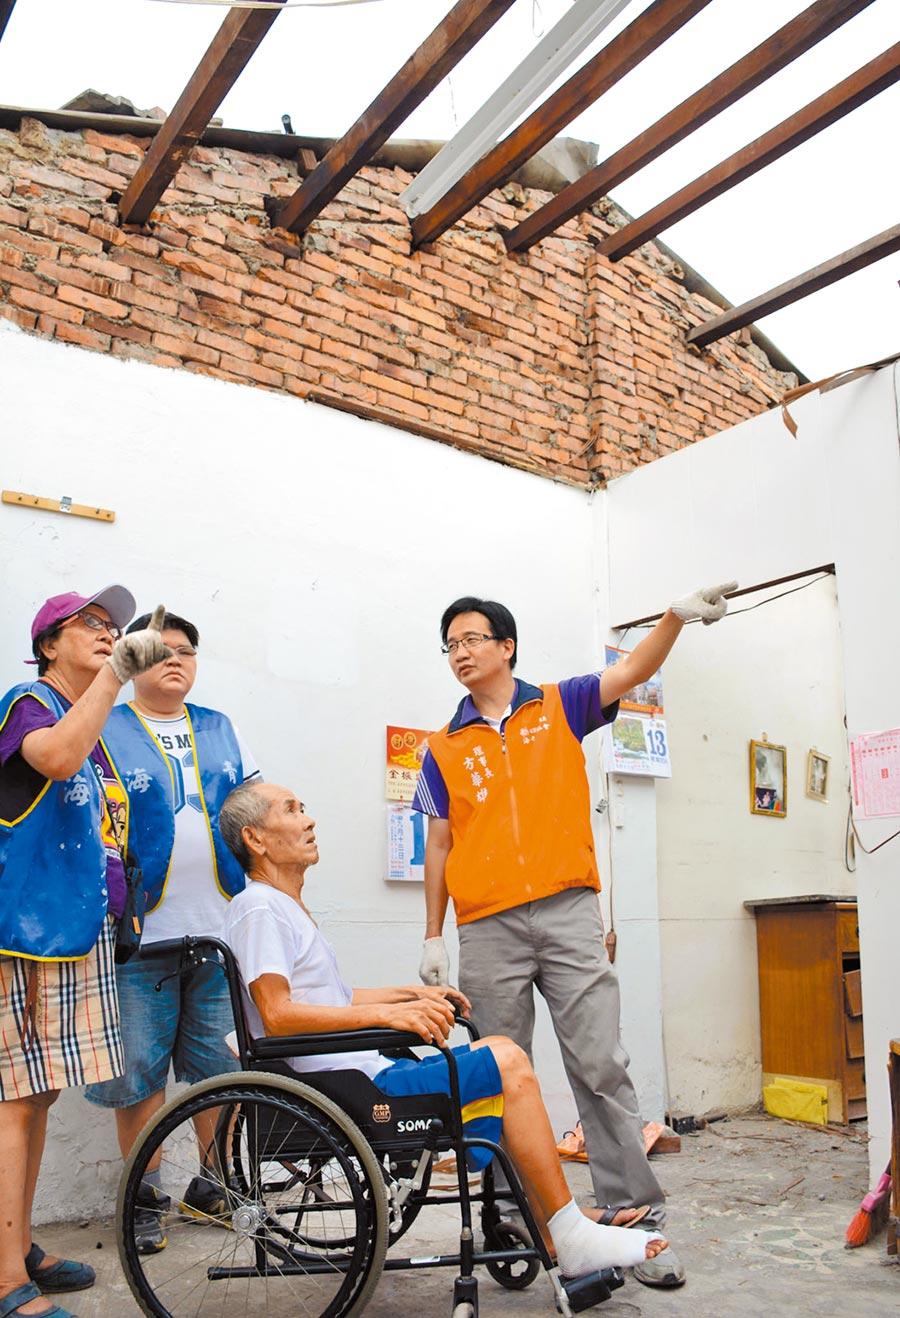 方華雄(右)長期關注公益,為獨居老人修繕房屋。攝影:林和生